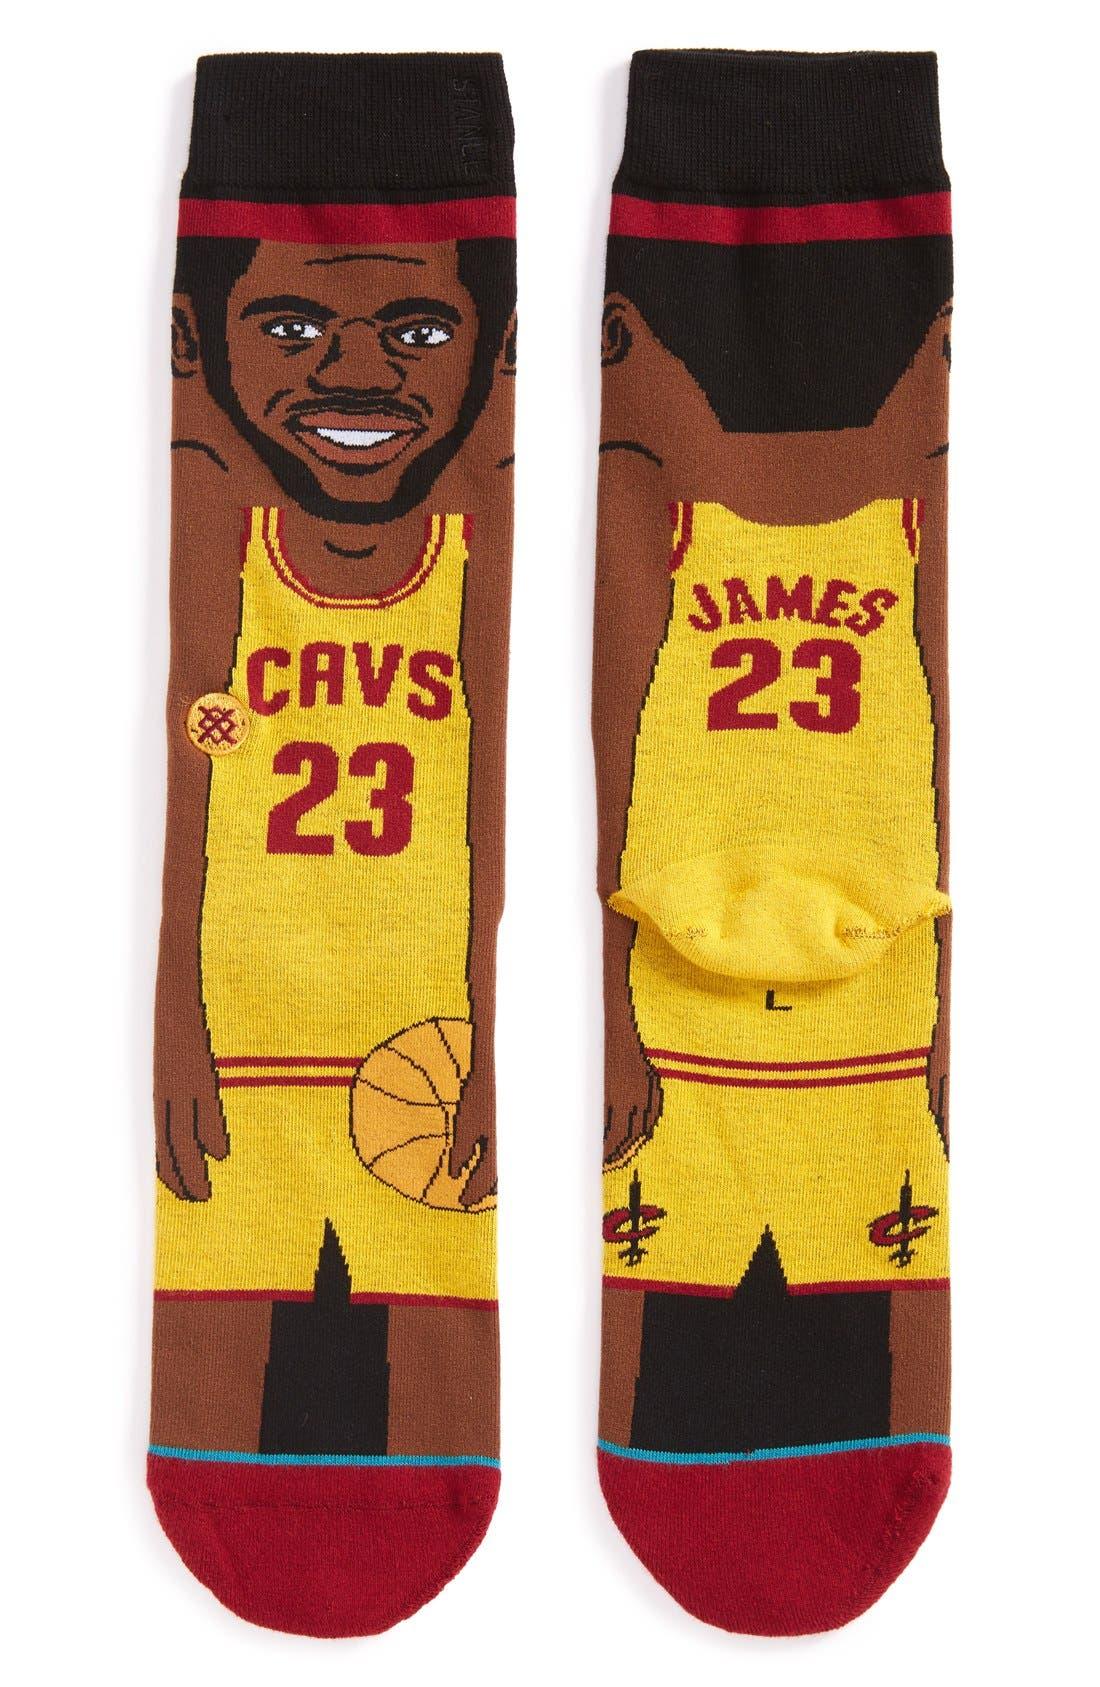 Alternate Image 1 Selected - Stance 'NBA Legends - LeBron James' Crew Socks